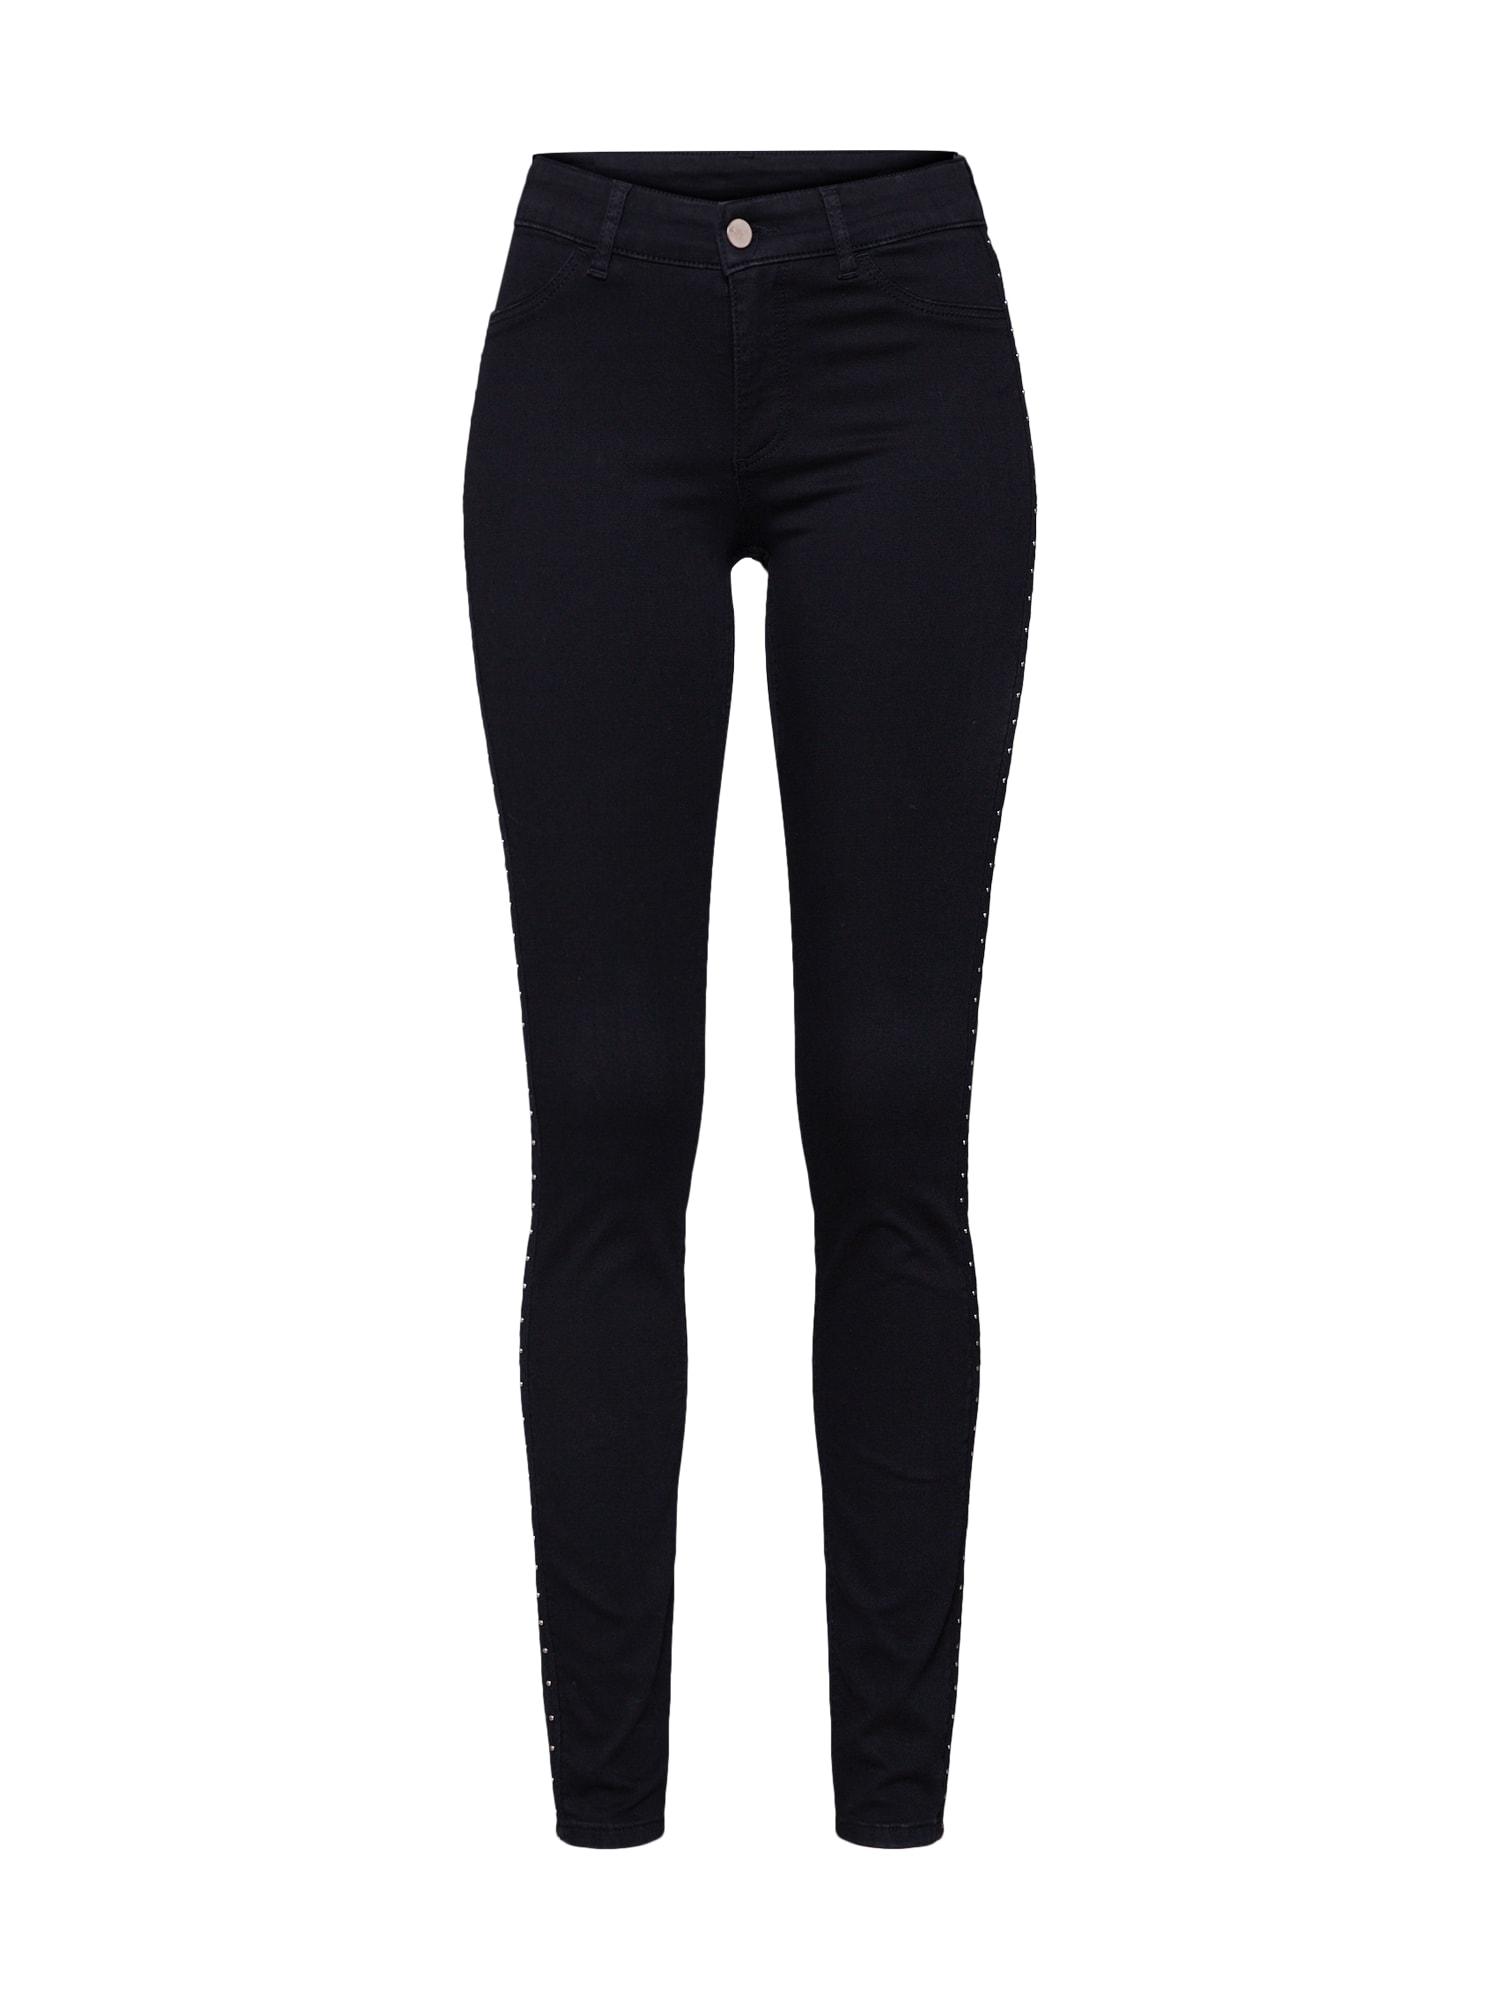 Džíny Jeans černá SET